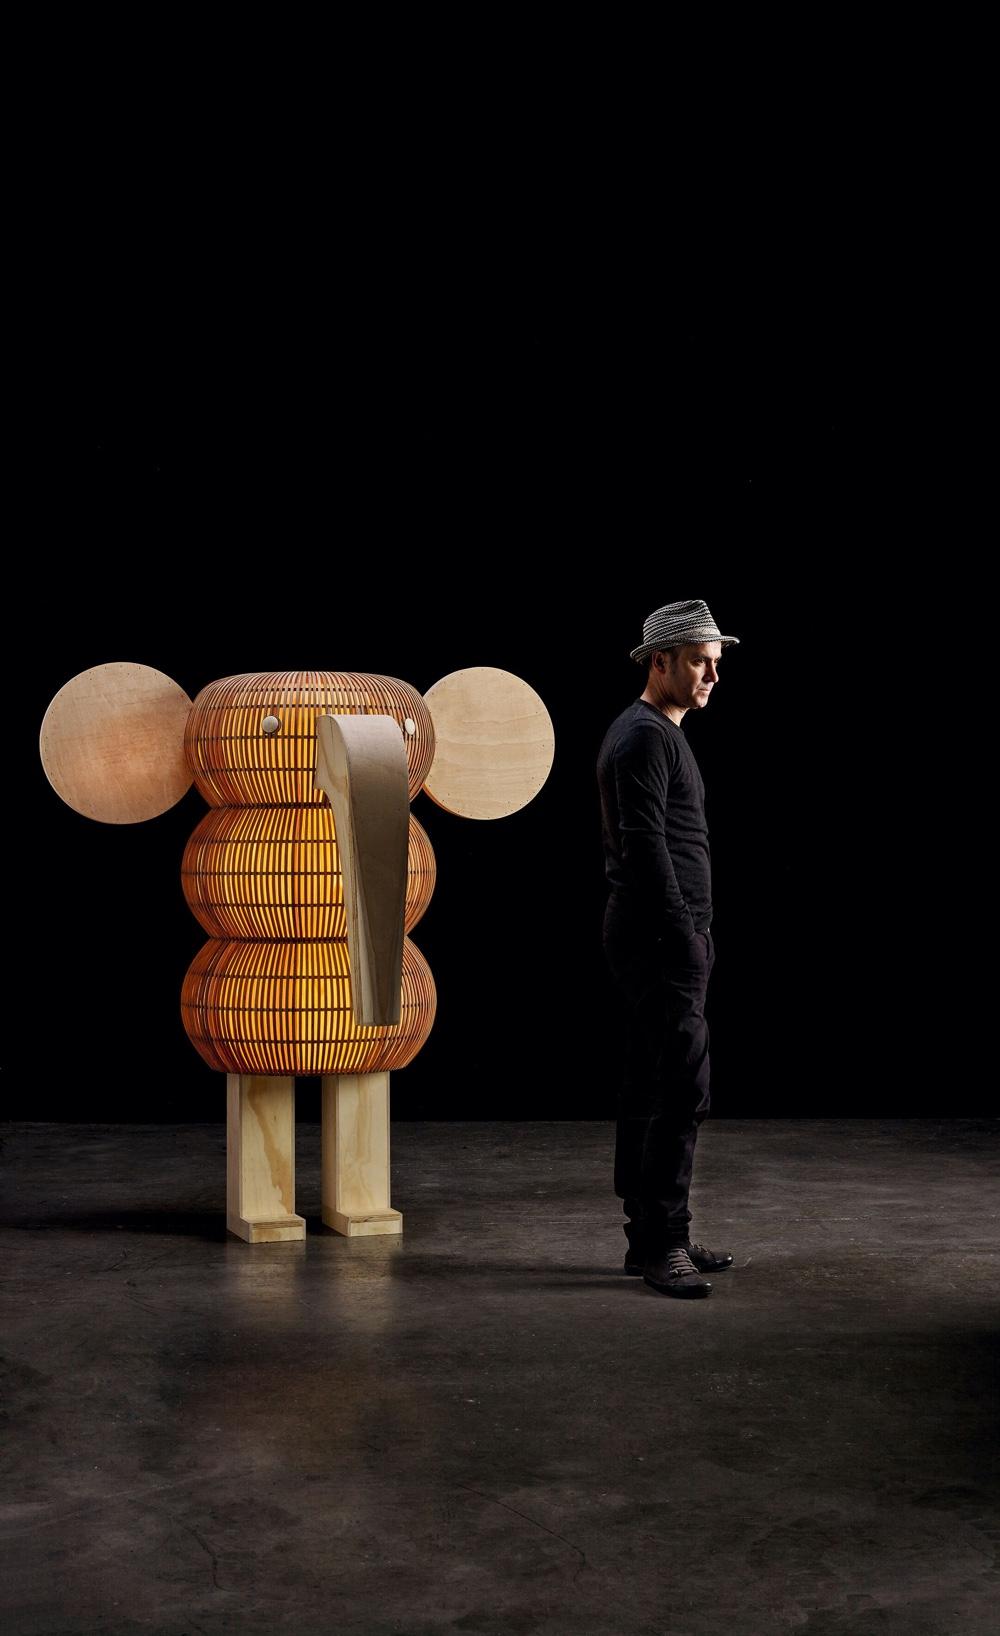 Elephant and Isidro Ferrer